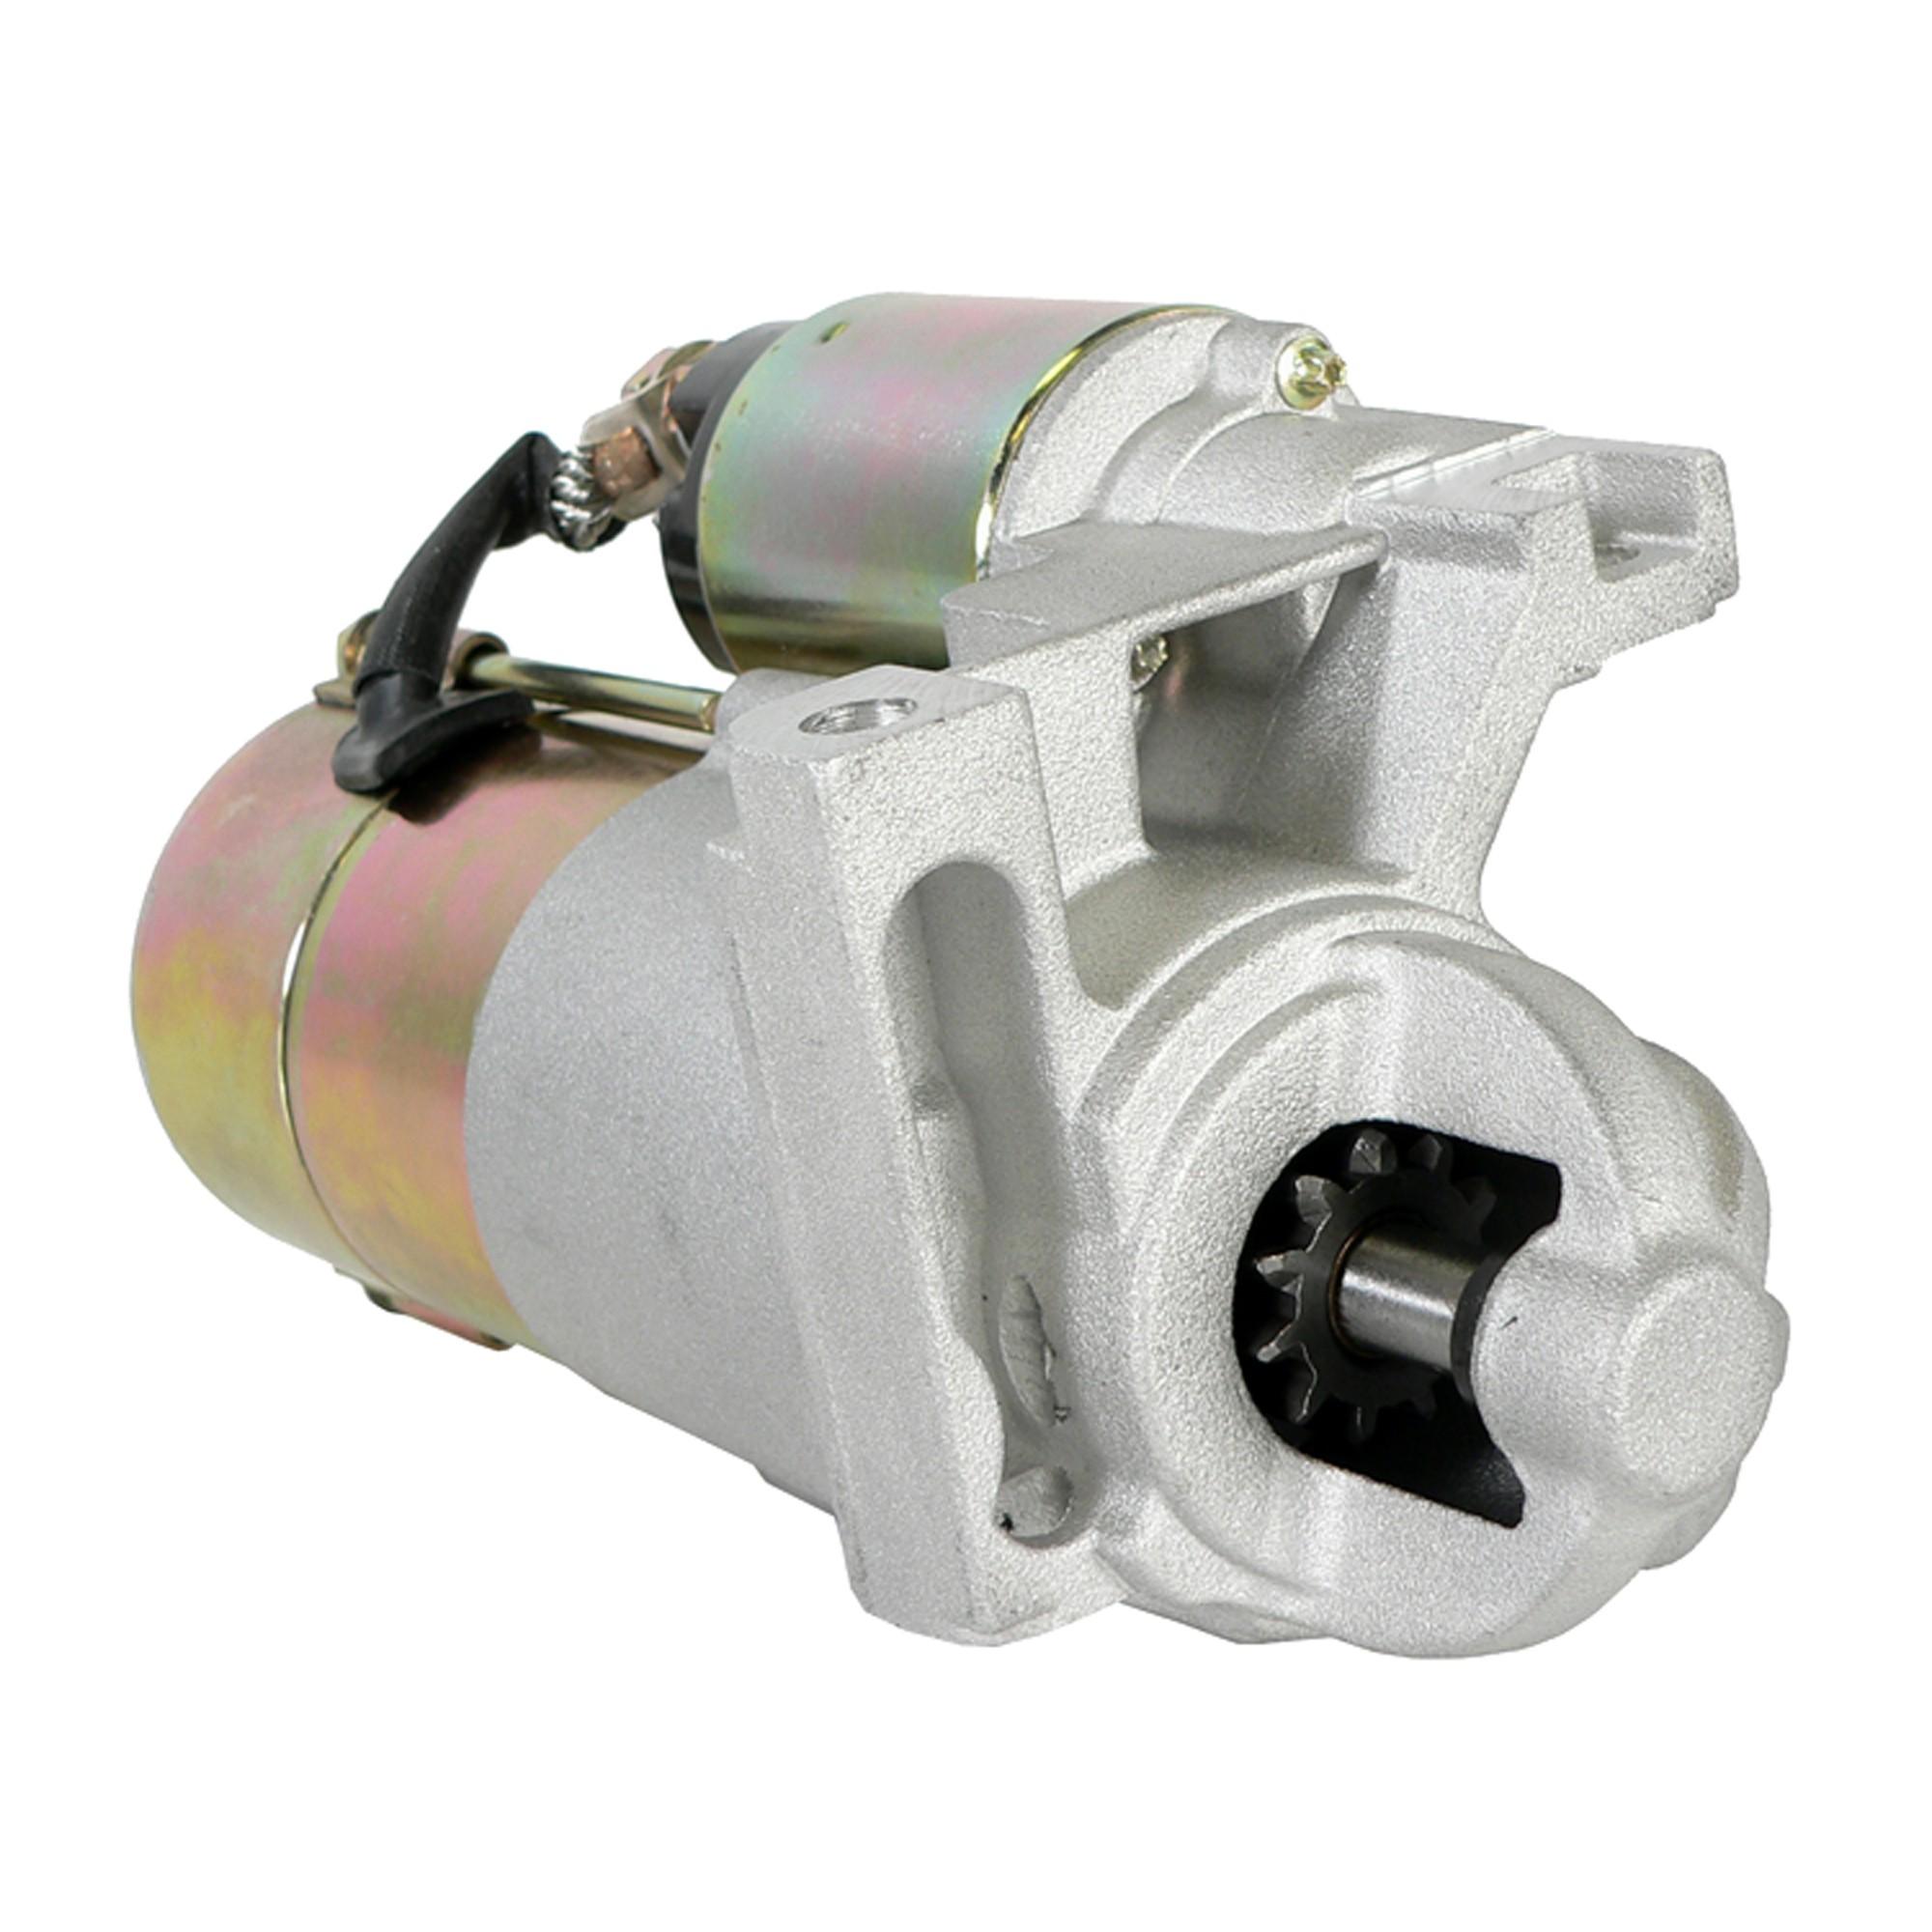 New Herko Fuel Level Sensor Kit For Module E3574M